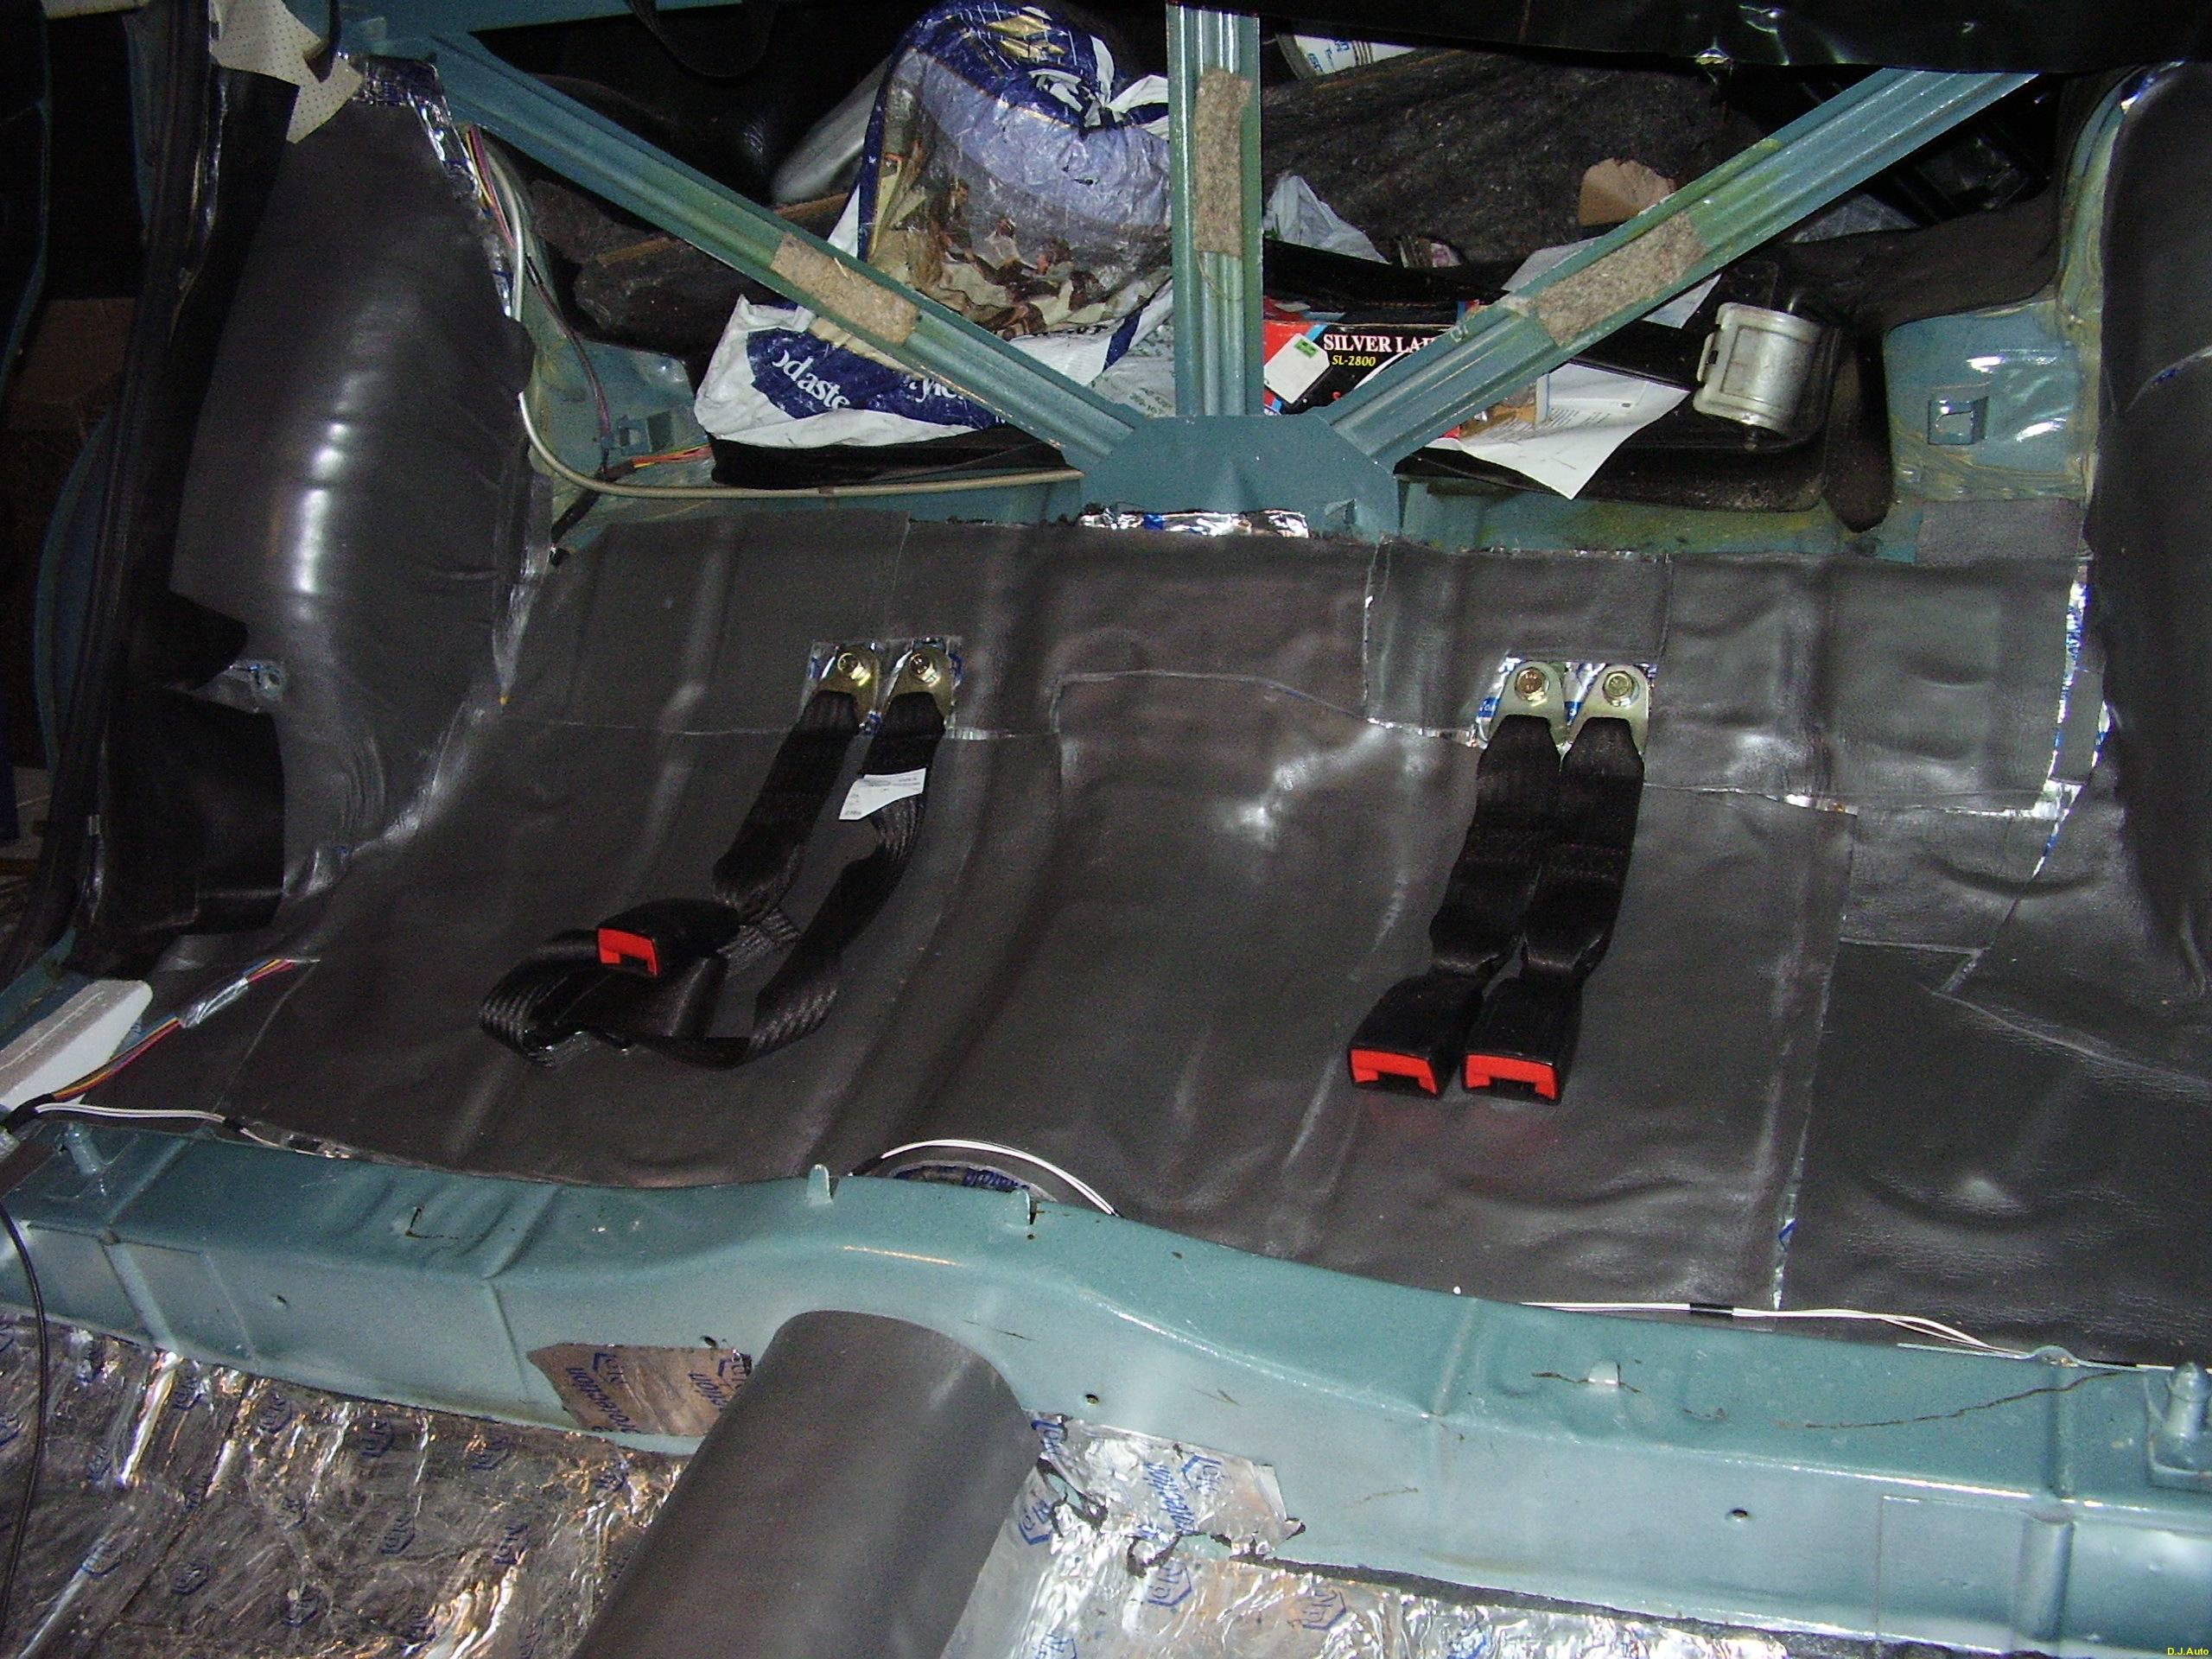 шумоизоляция автомобиля ваз 2105 одежда активных людей